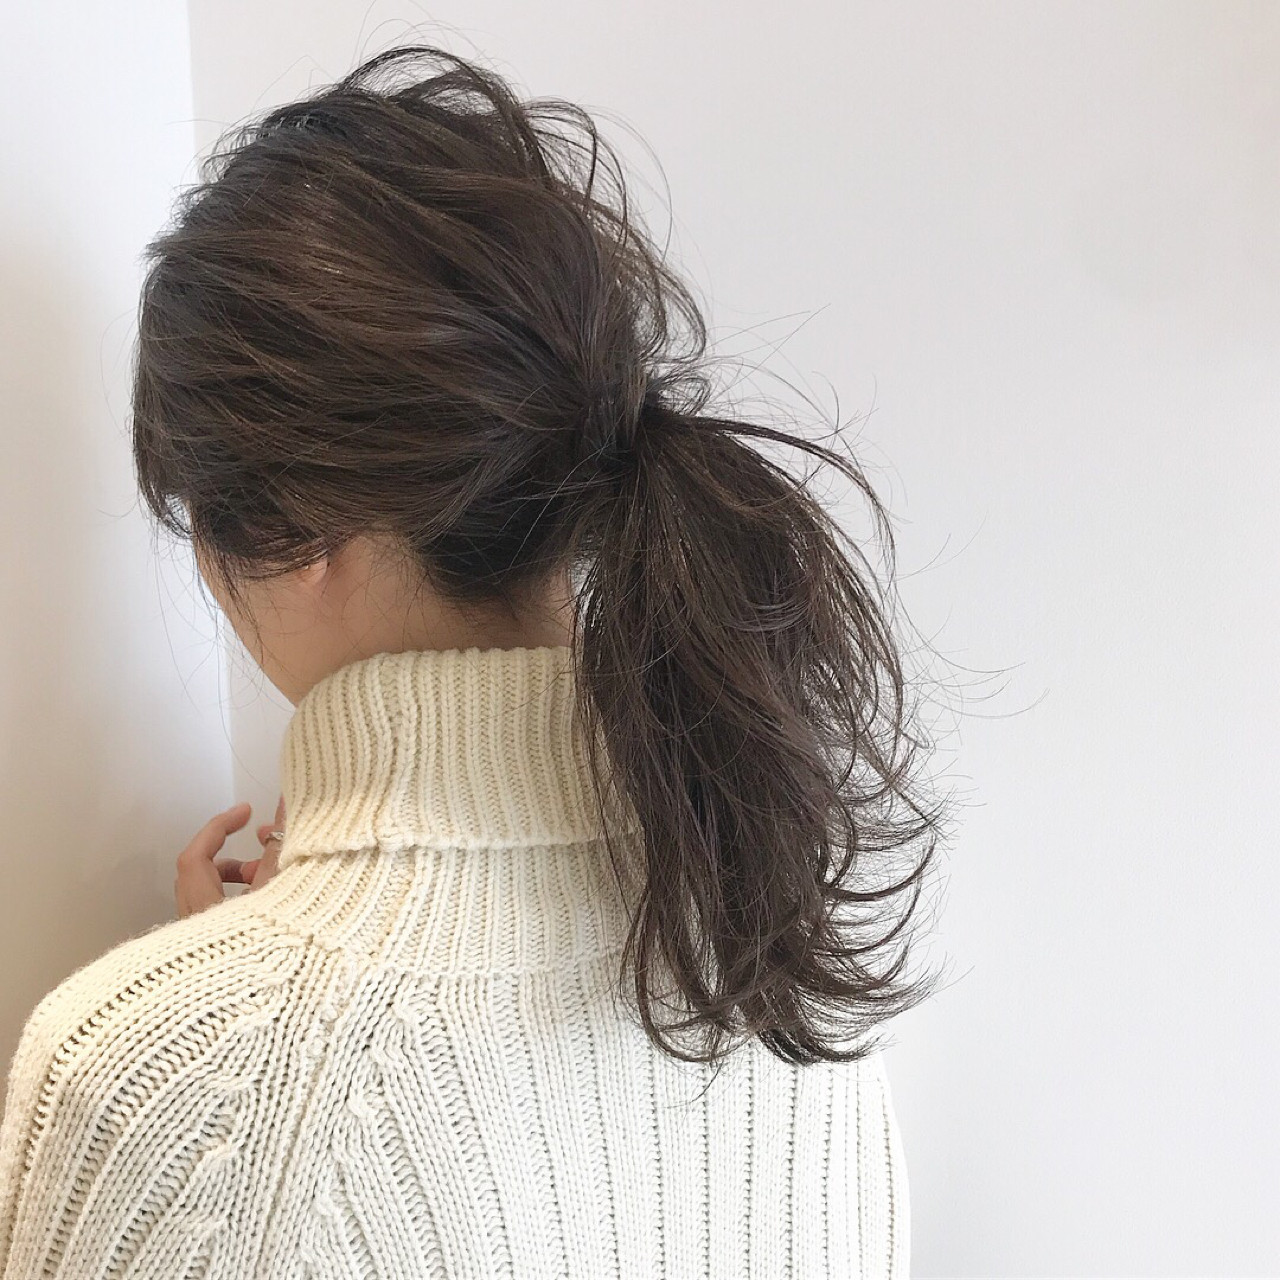 ヘアアレンジ バレンタイン 簡単ヘアアレンジ 愛され ヘアスタイルや髪型の写真・画像